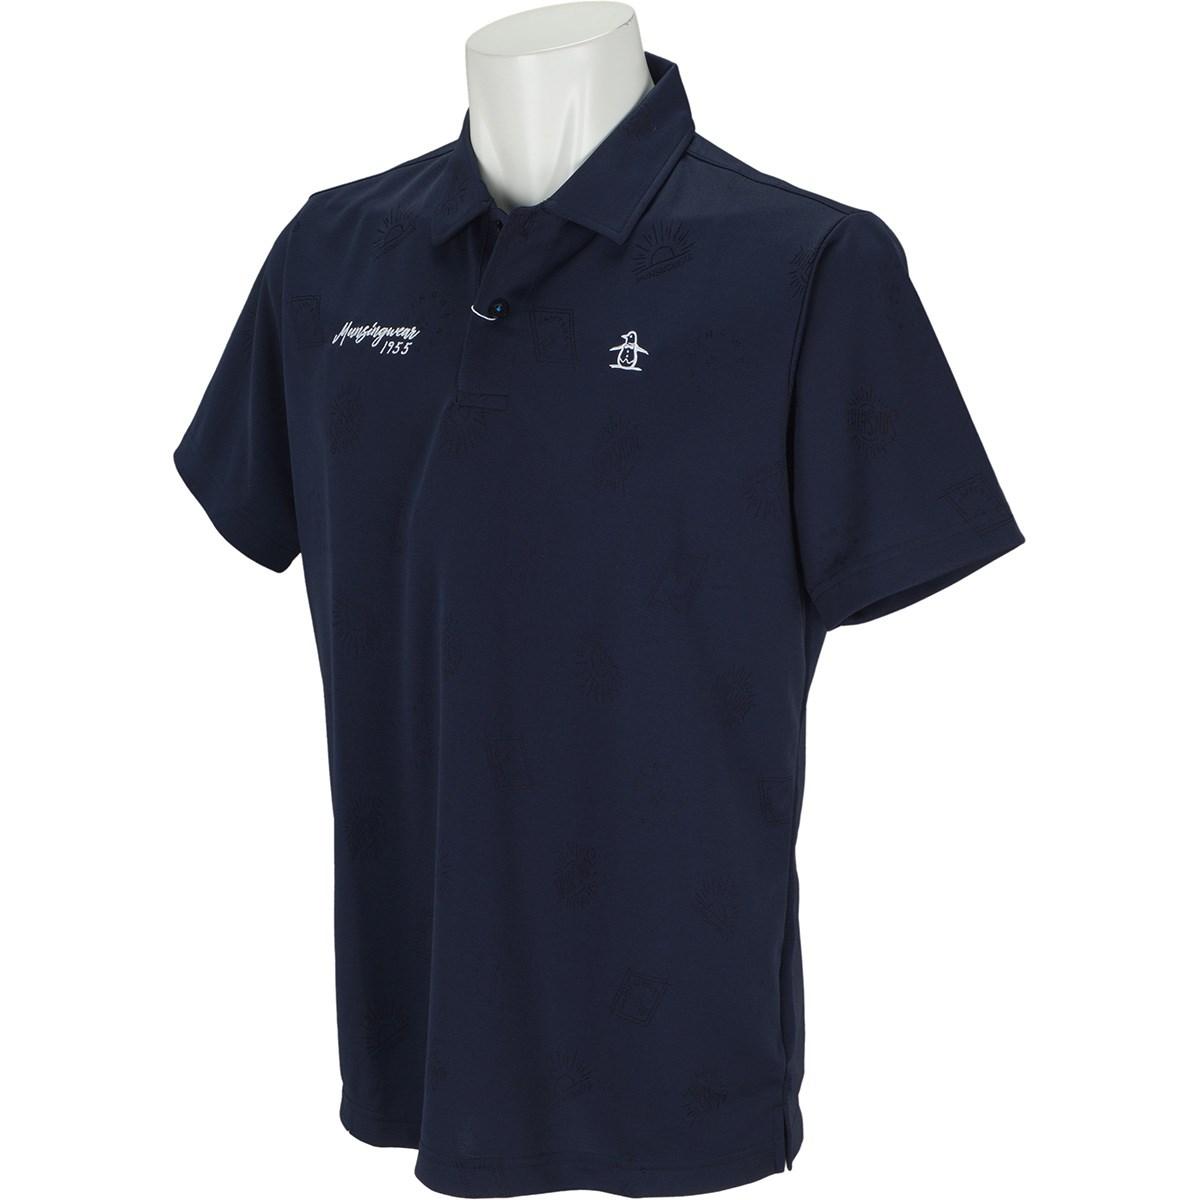 マンシングウェア Munsingwear GDO限定半袖ポロシャツ M ネイビー 00